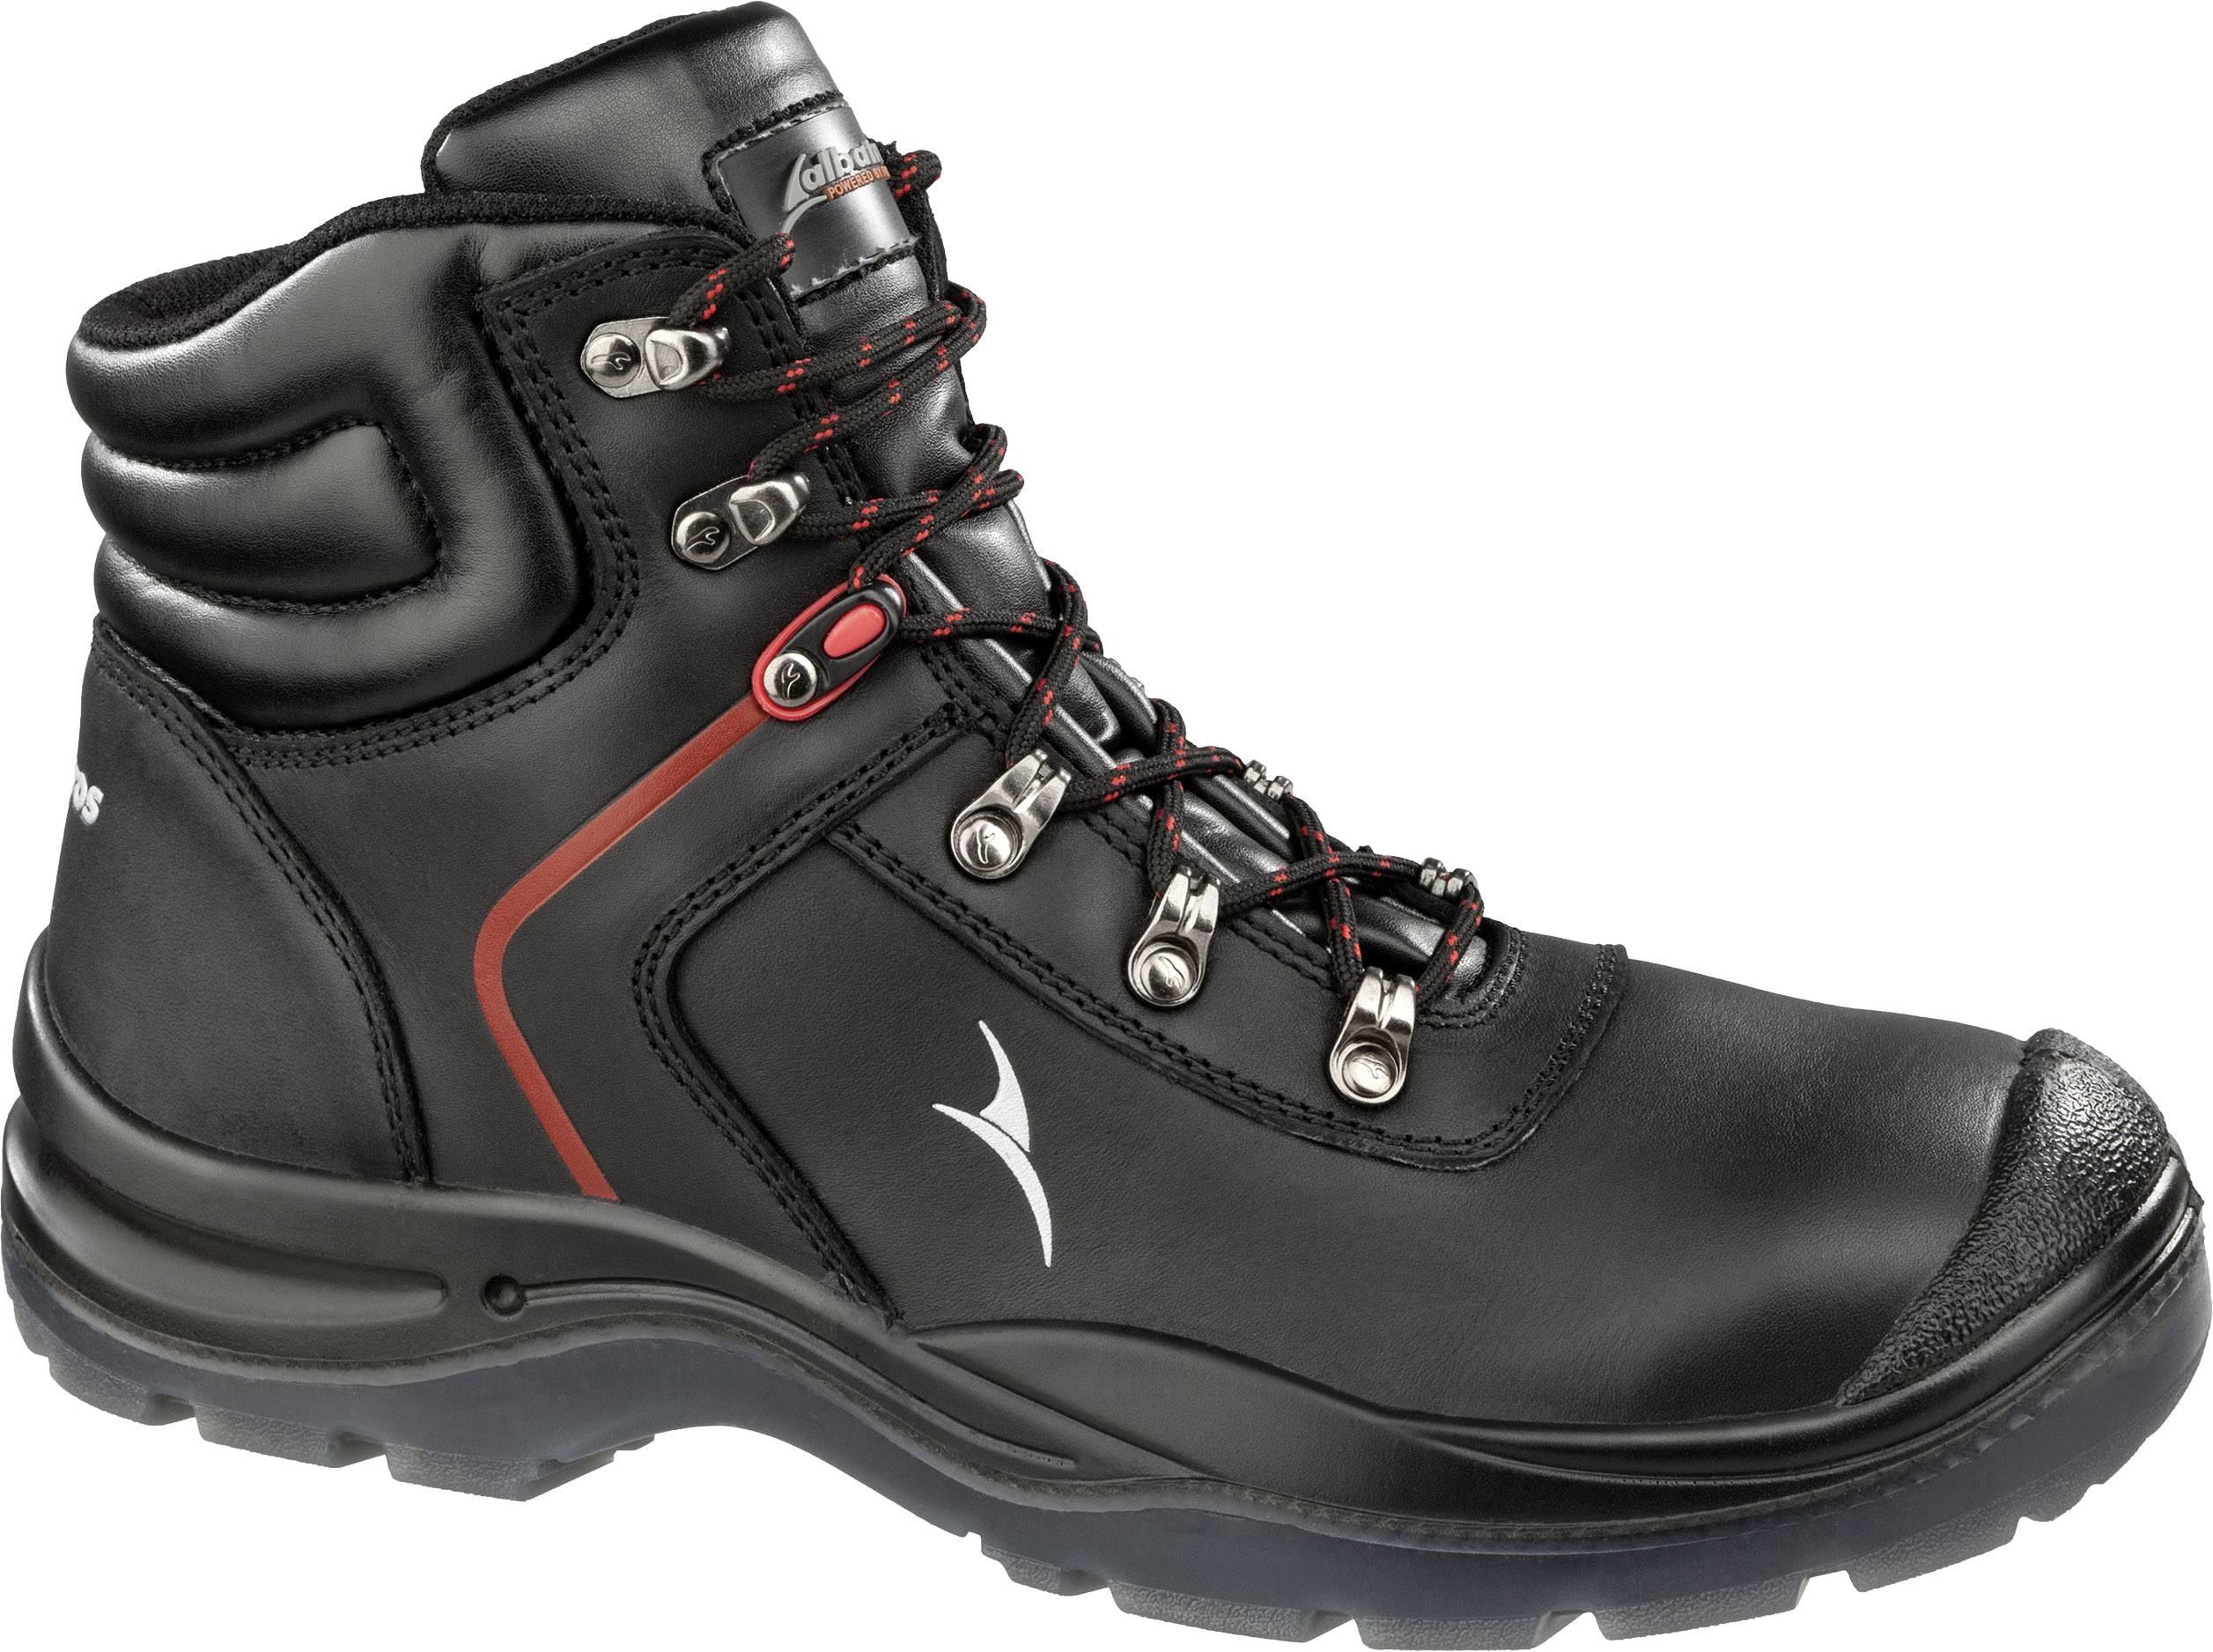 Bezpečnostní pracovní obuv S3 Velikost: 43 Albatros 631080 1 pár